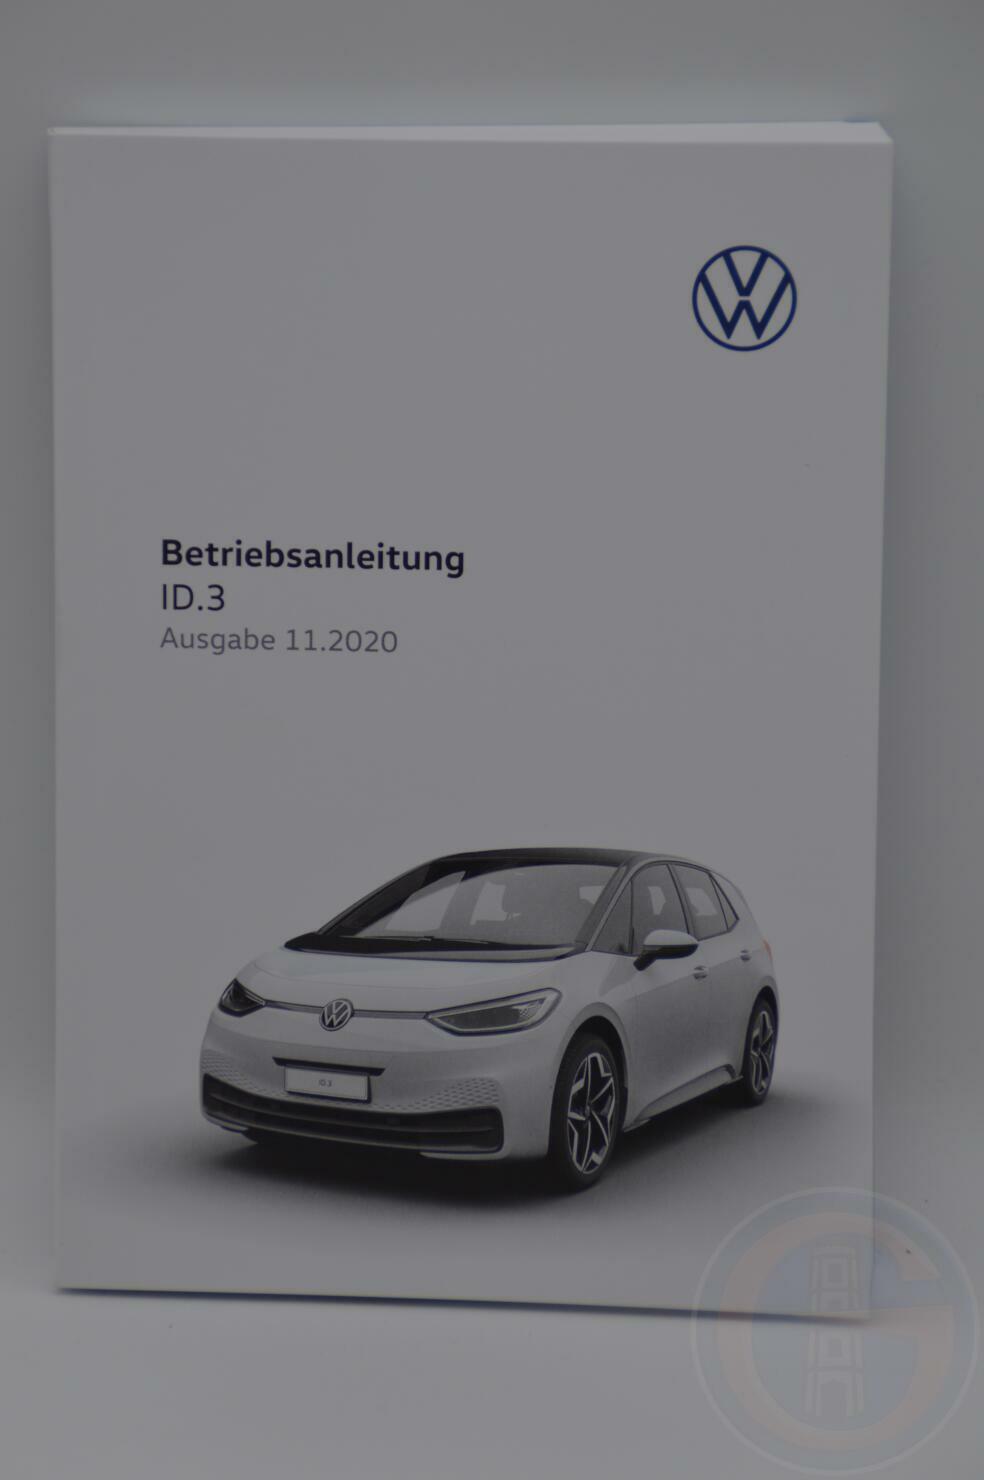 VW ID.3 ID3 Bedienungsanleitung Betriebsanleitung Handbuch Bordbuch 11/2020 10B012705AE